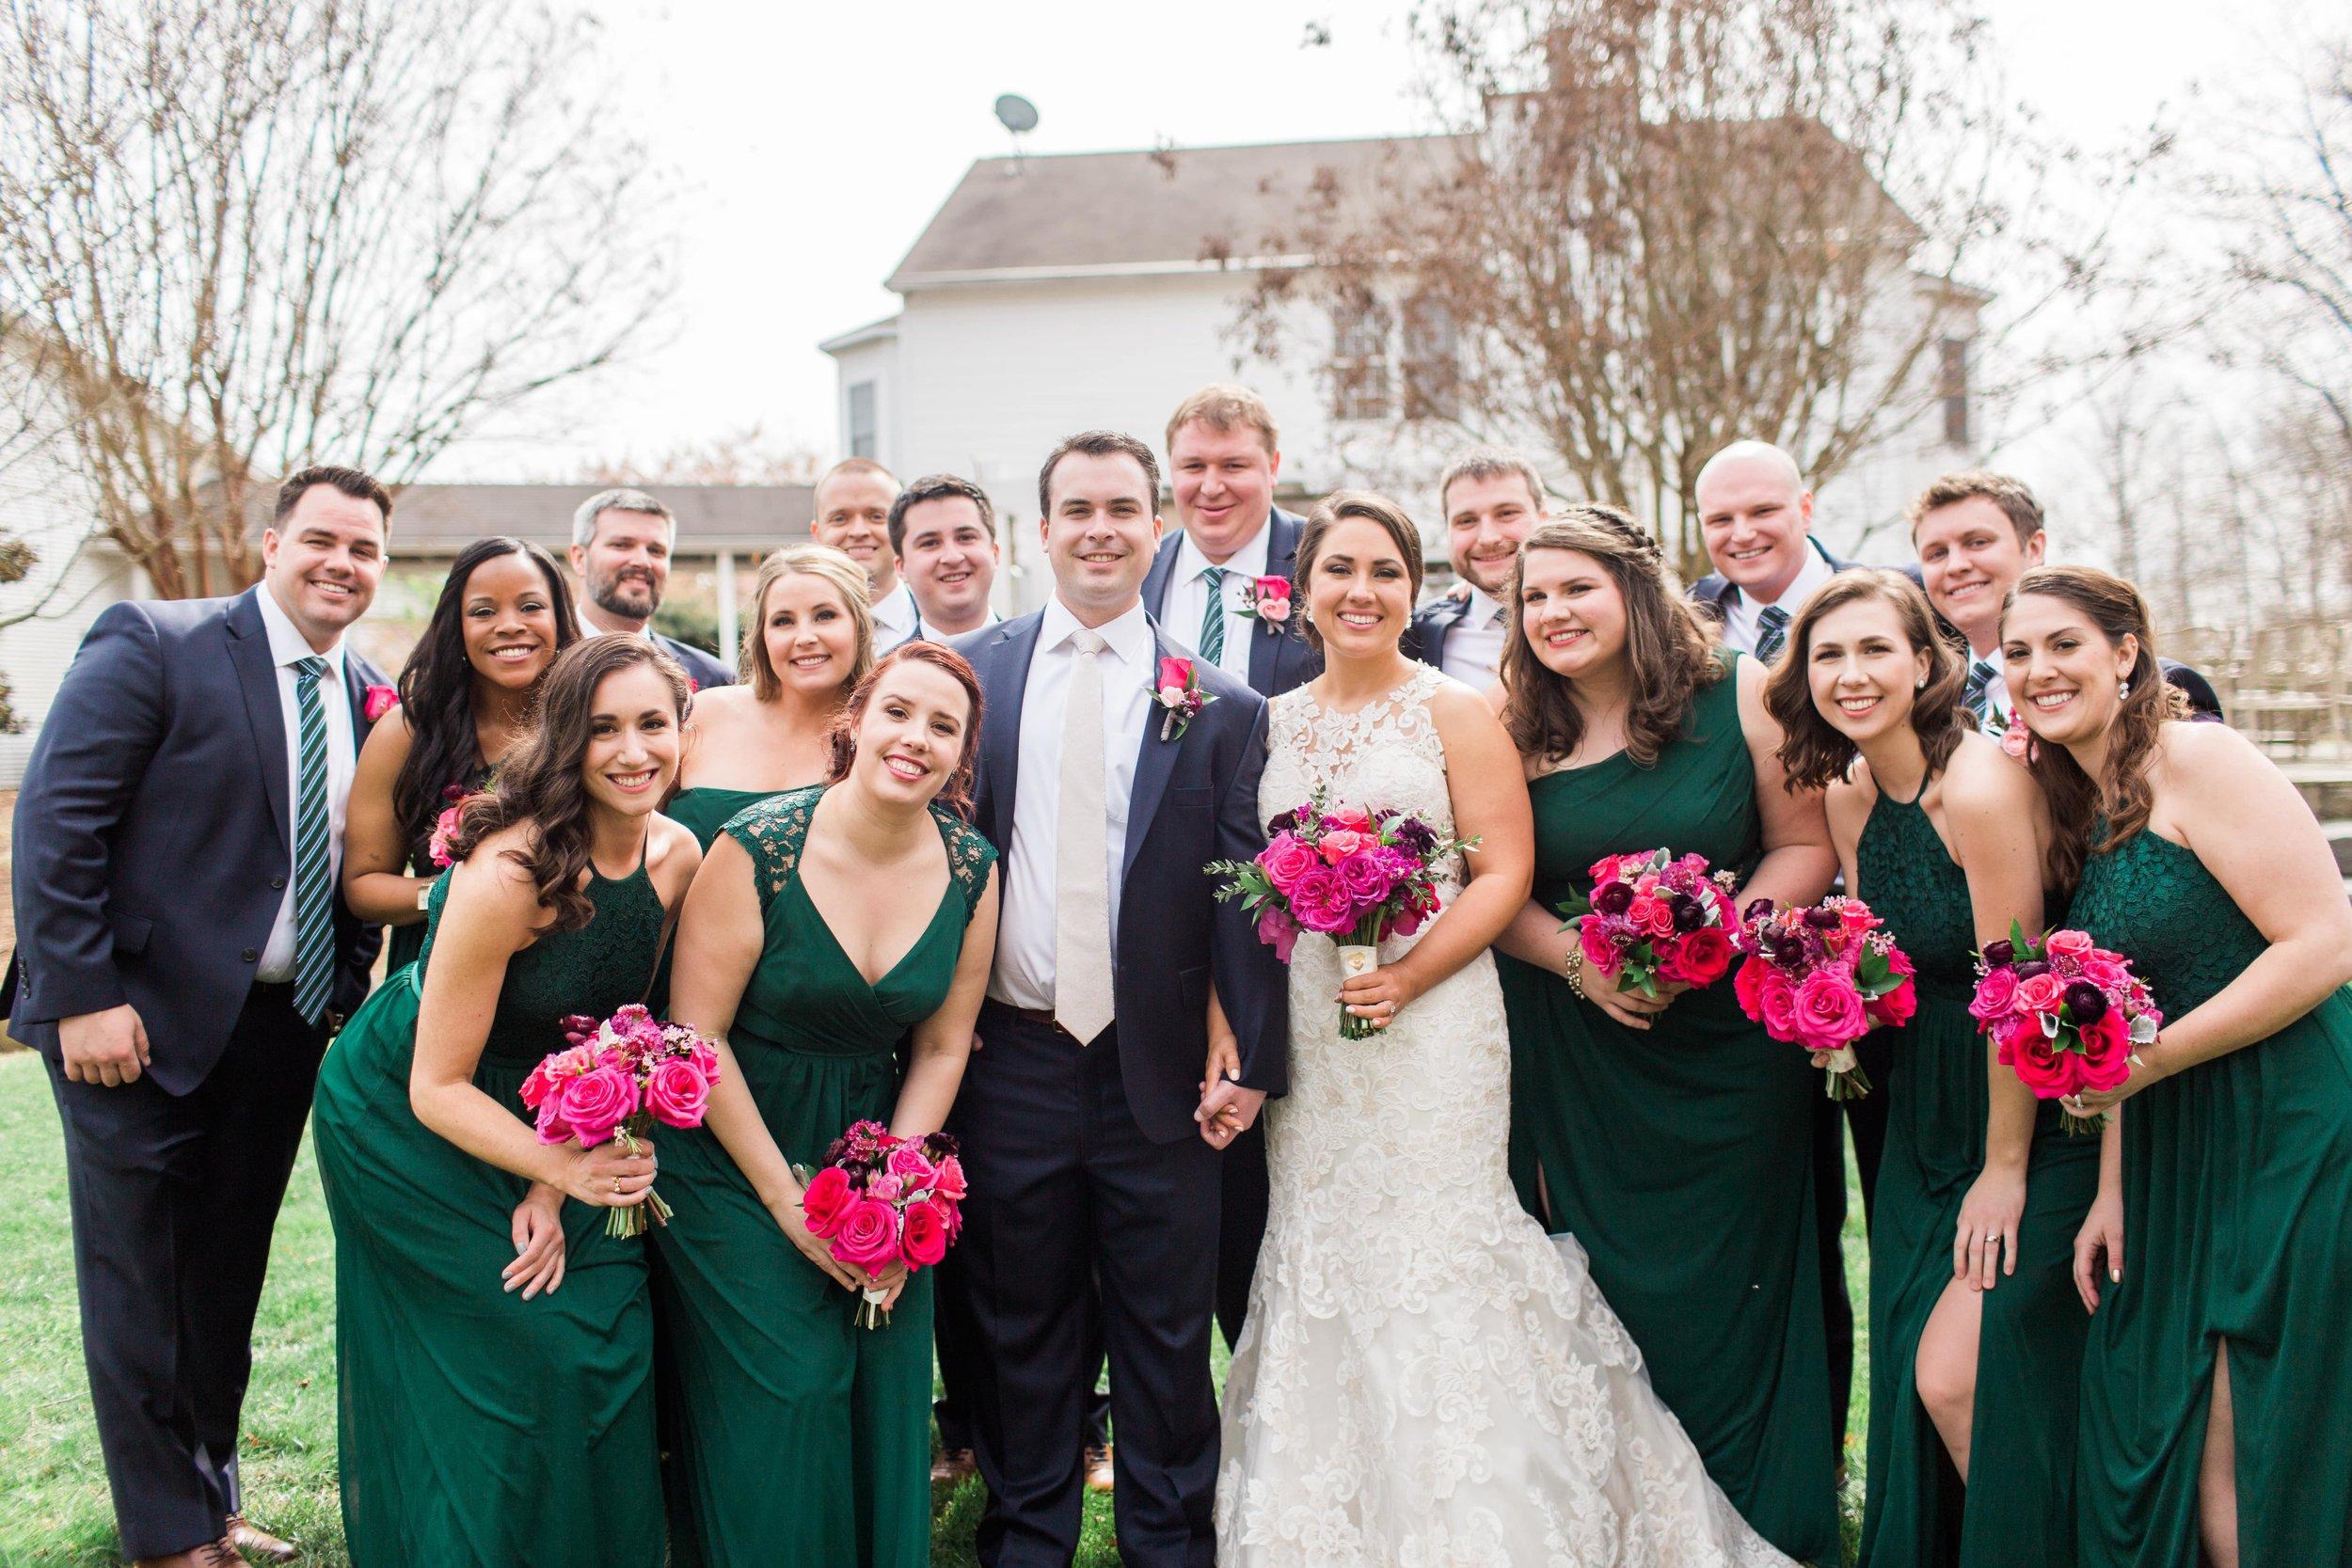 Lost Creek Winery Wedding JR Flowers_(5)-min.jpg